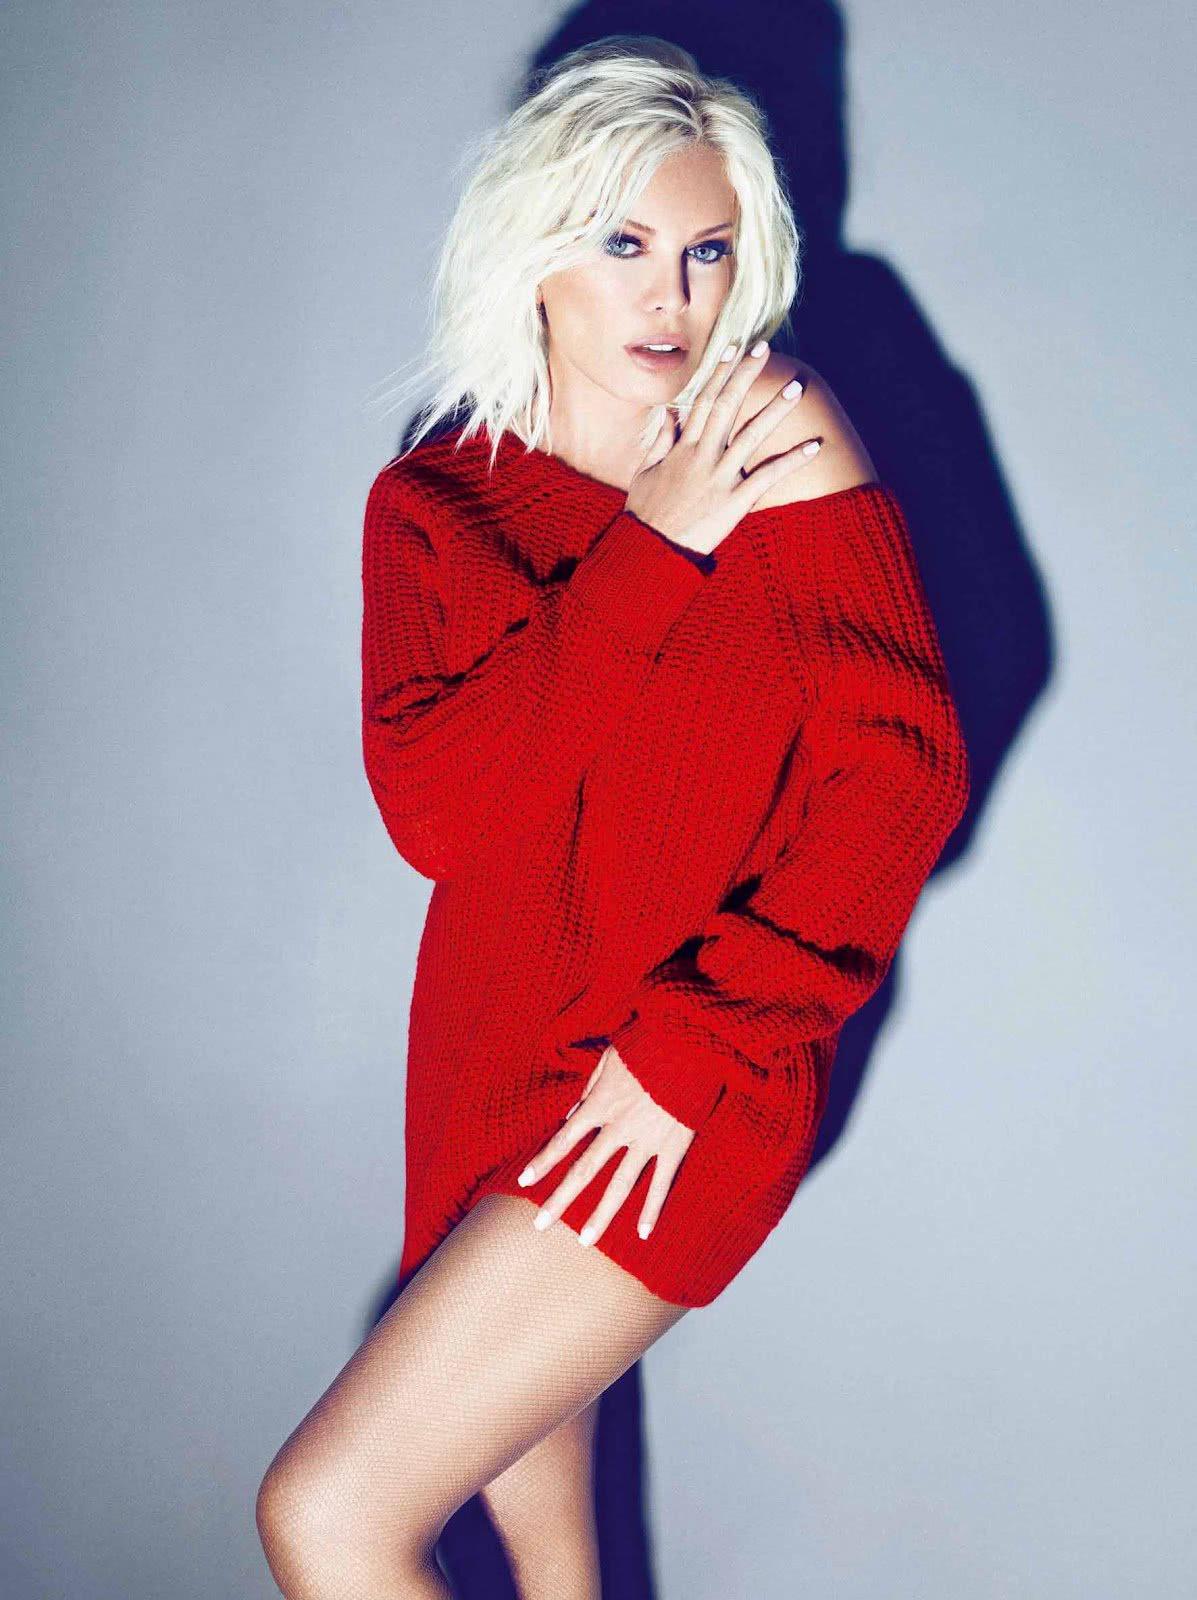 πεκάν με κόκκινο πουλόβερ